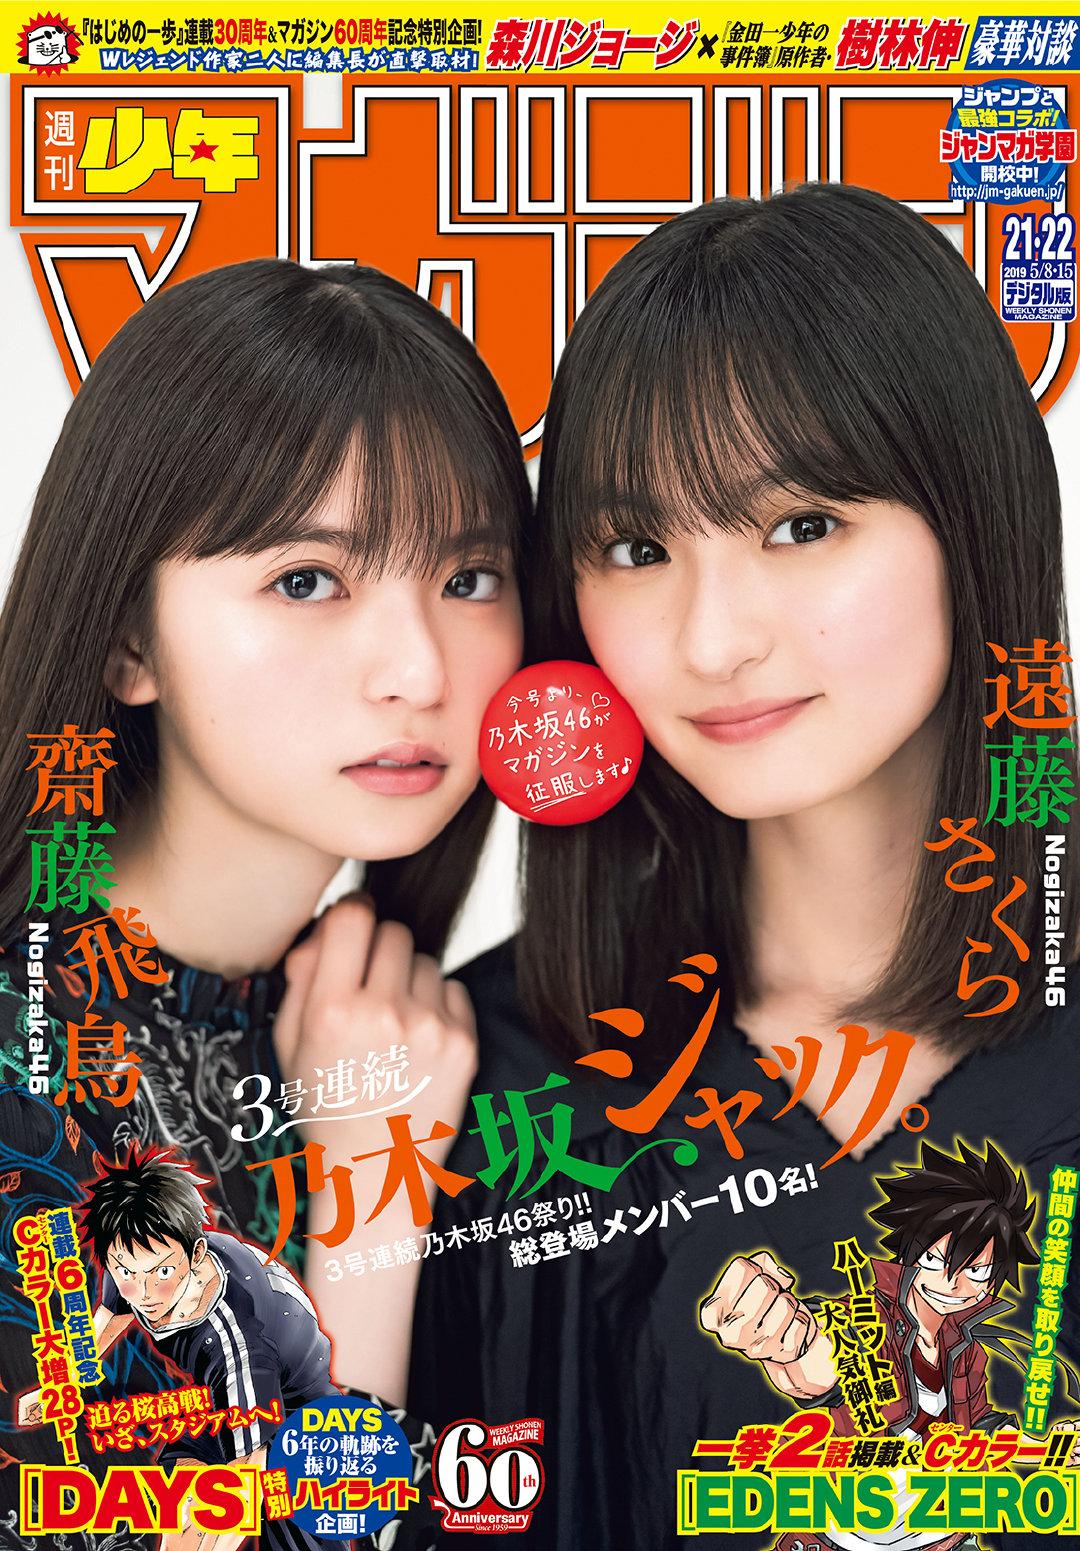 週刊少年マガジン 表紙 齋藤飛鳥&遠藤さくら